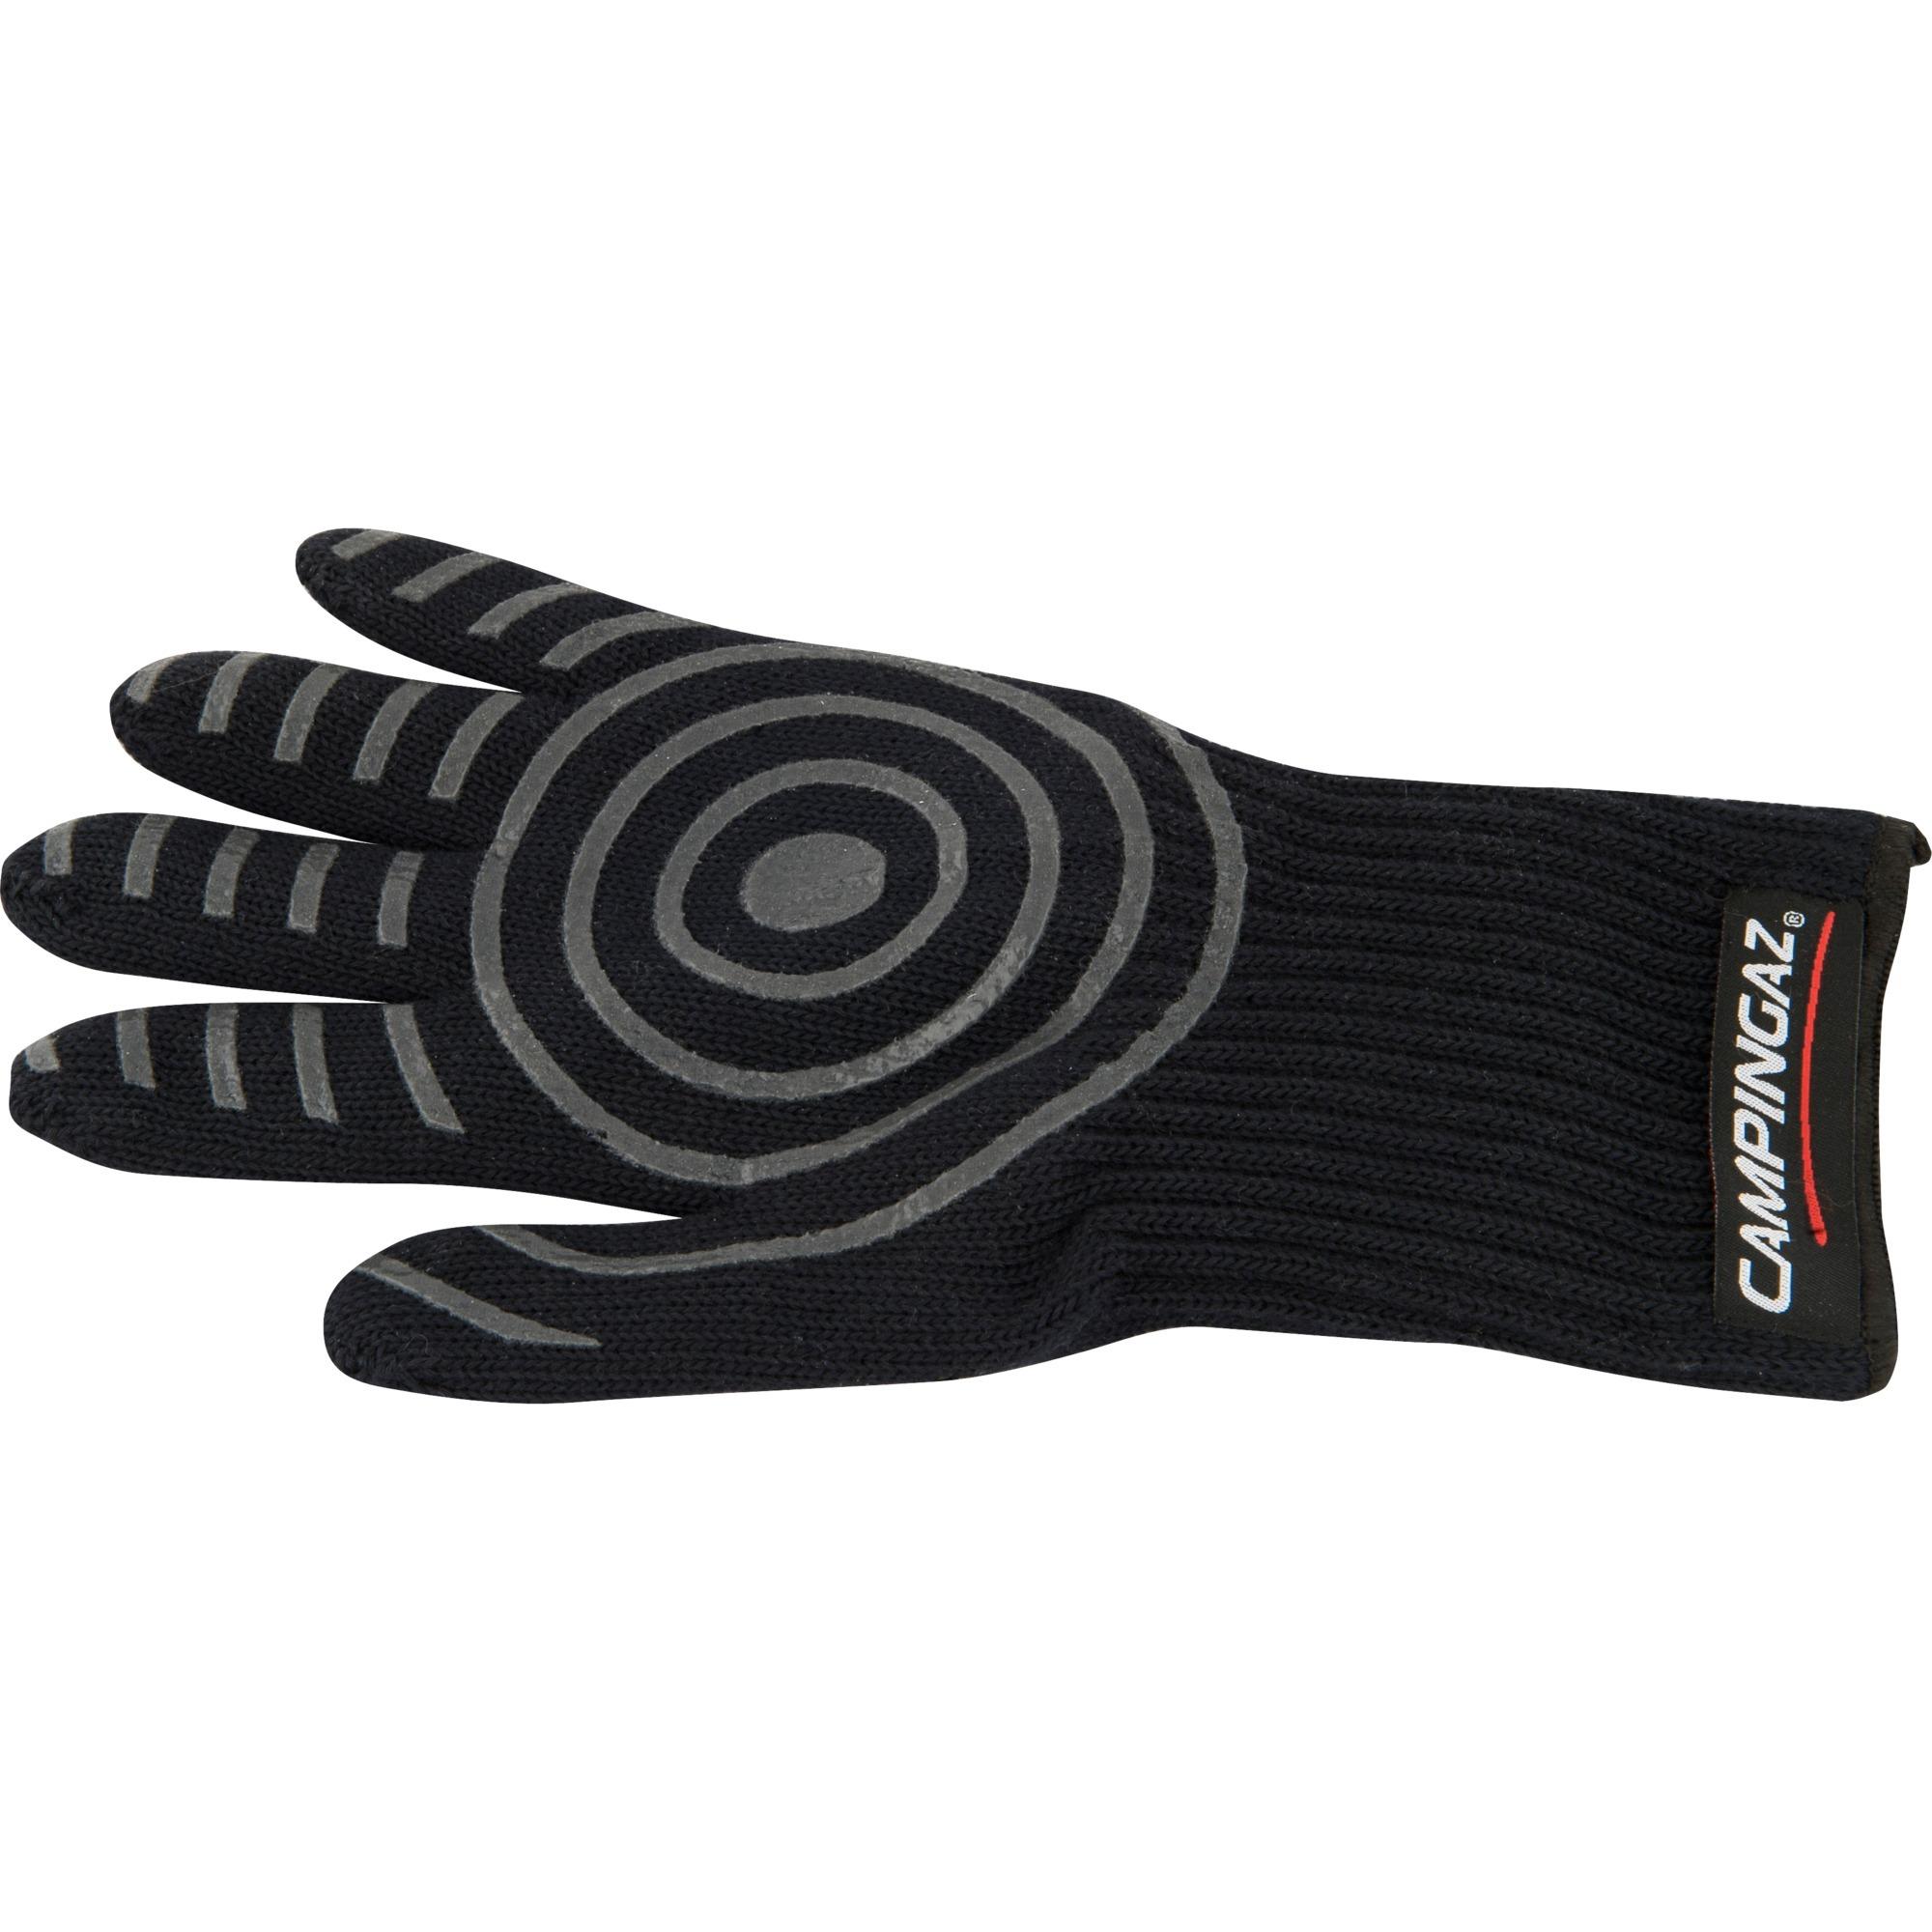 2000014562-oven-mitt-1pcs-sort-grydelap-grillhandske-handsker